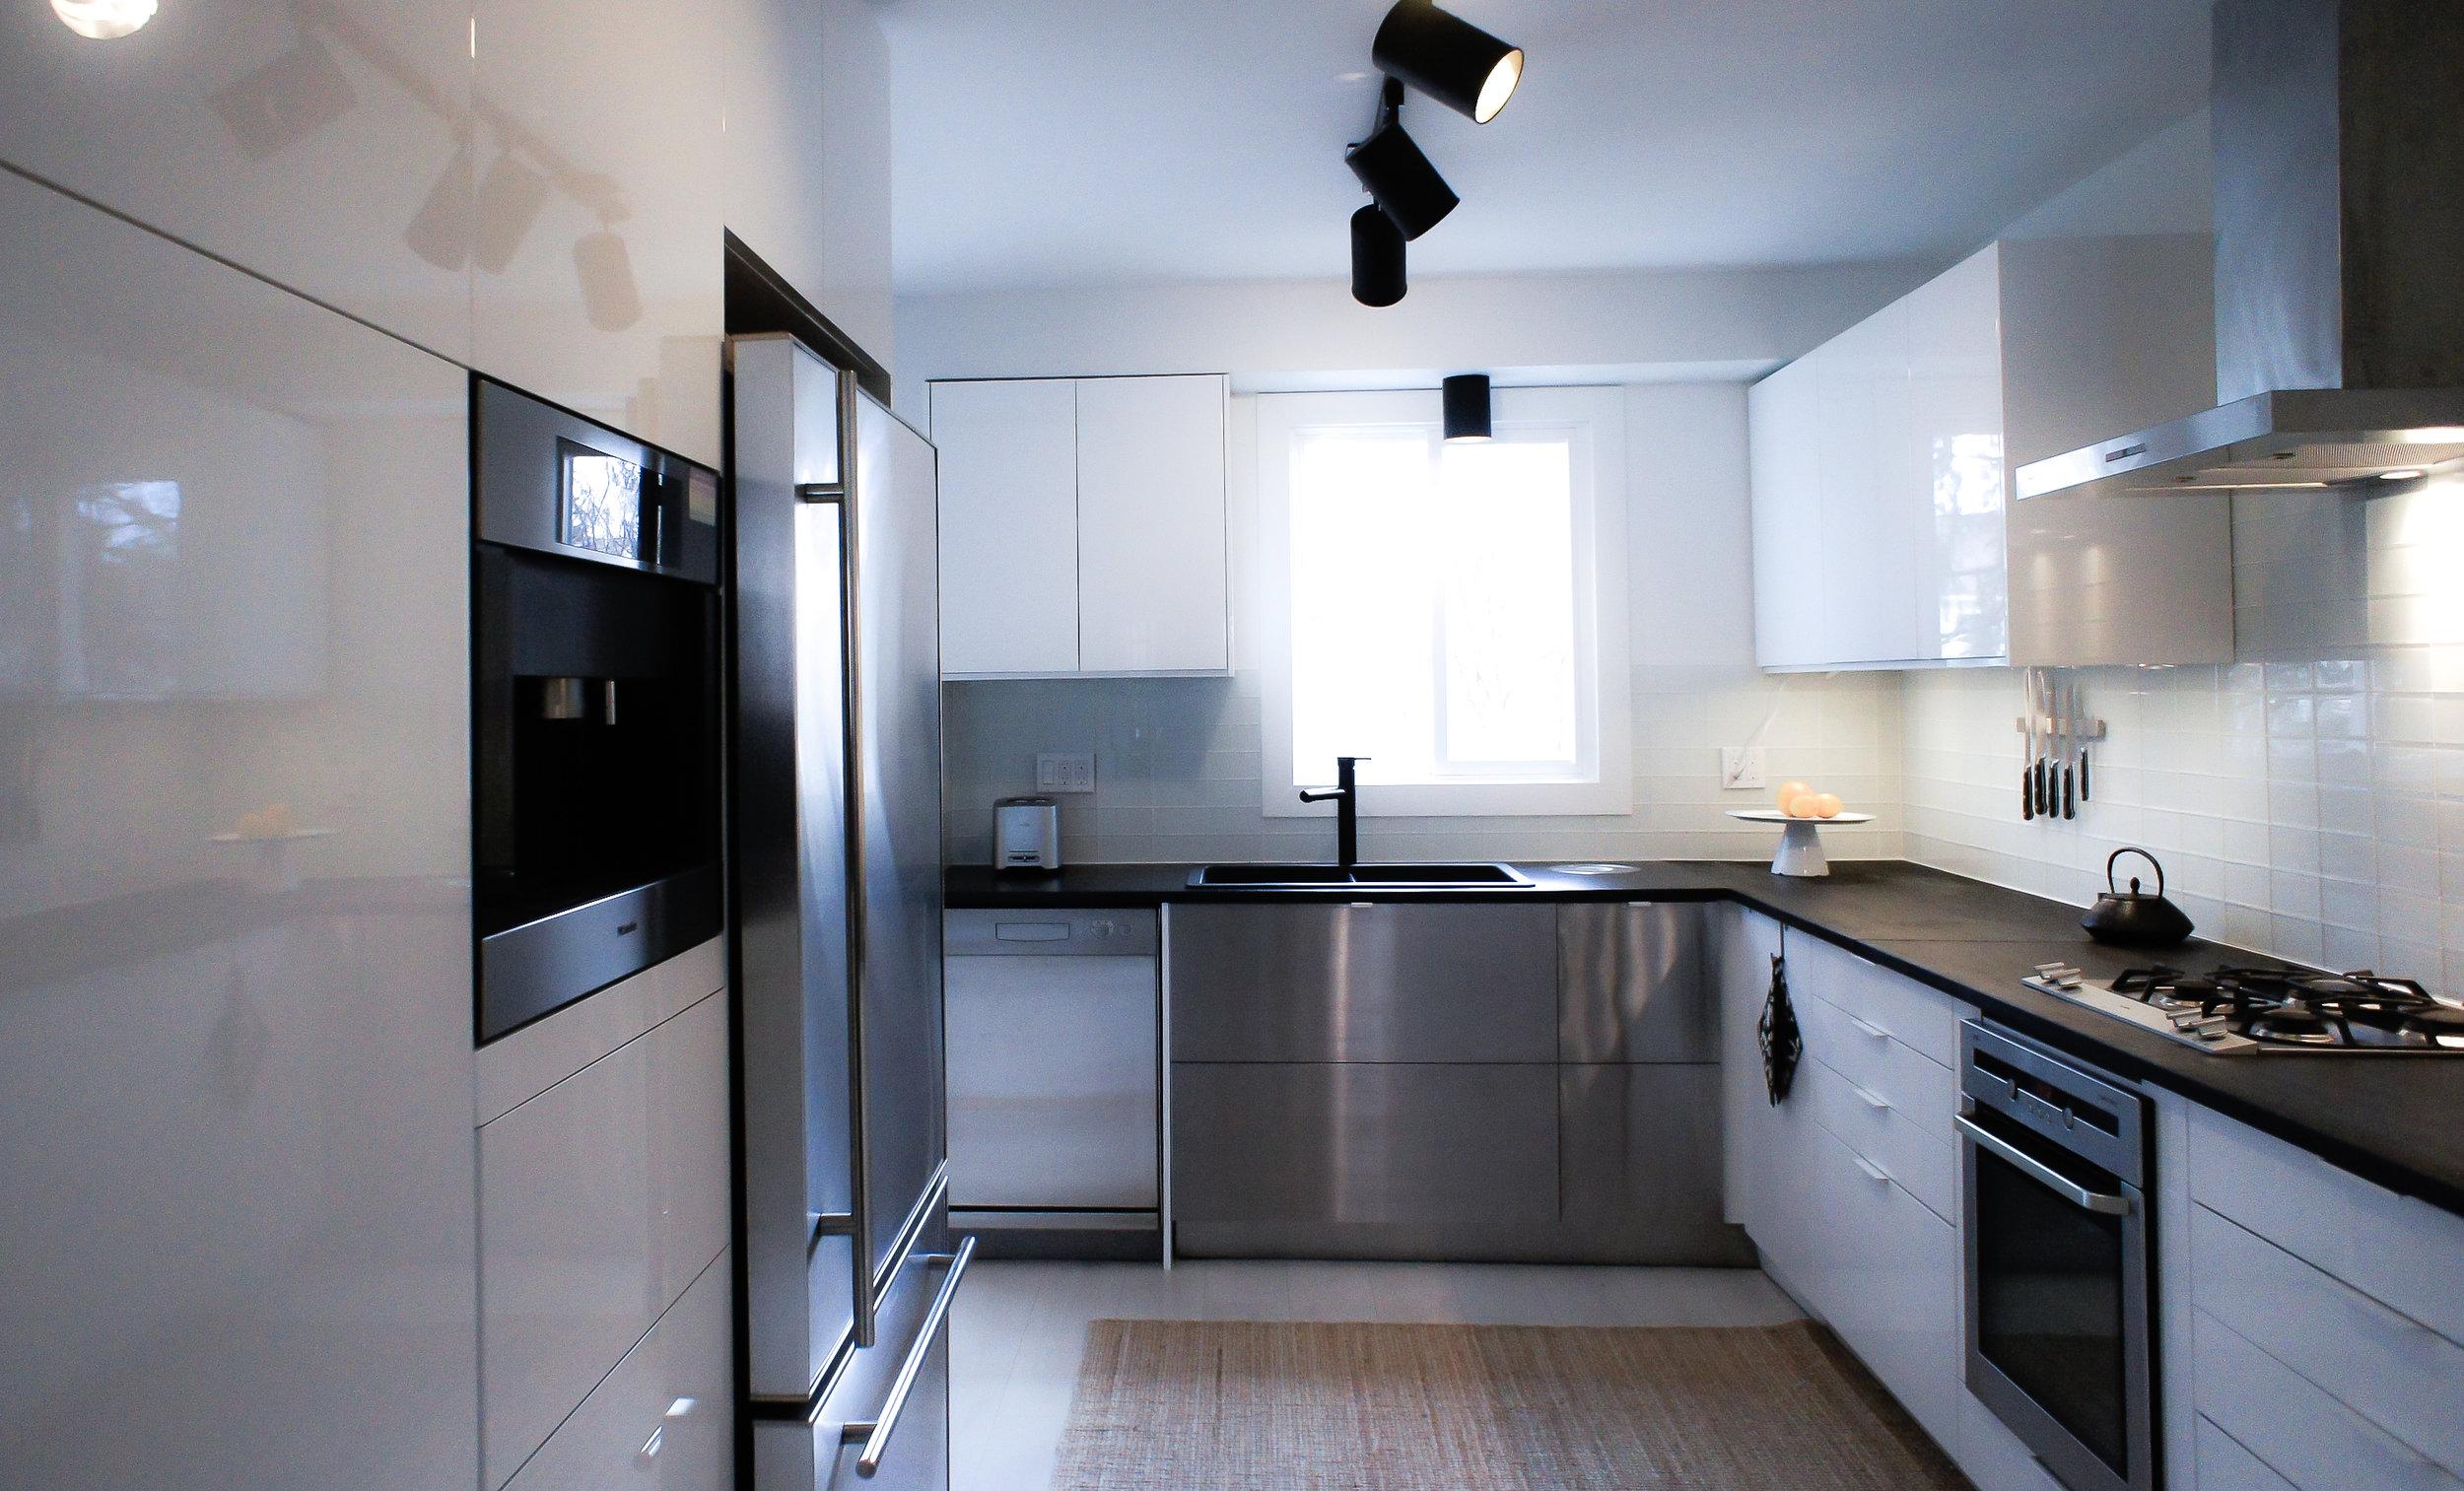 Scandinavian kitchen cool and sleek.jpg